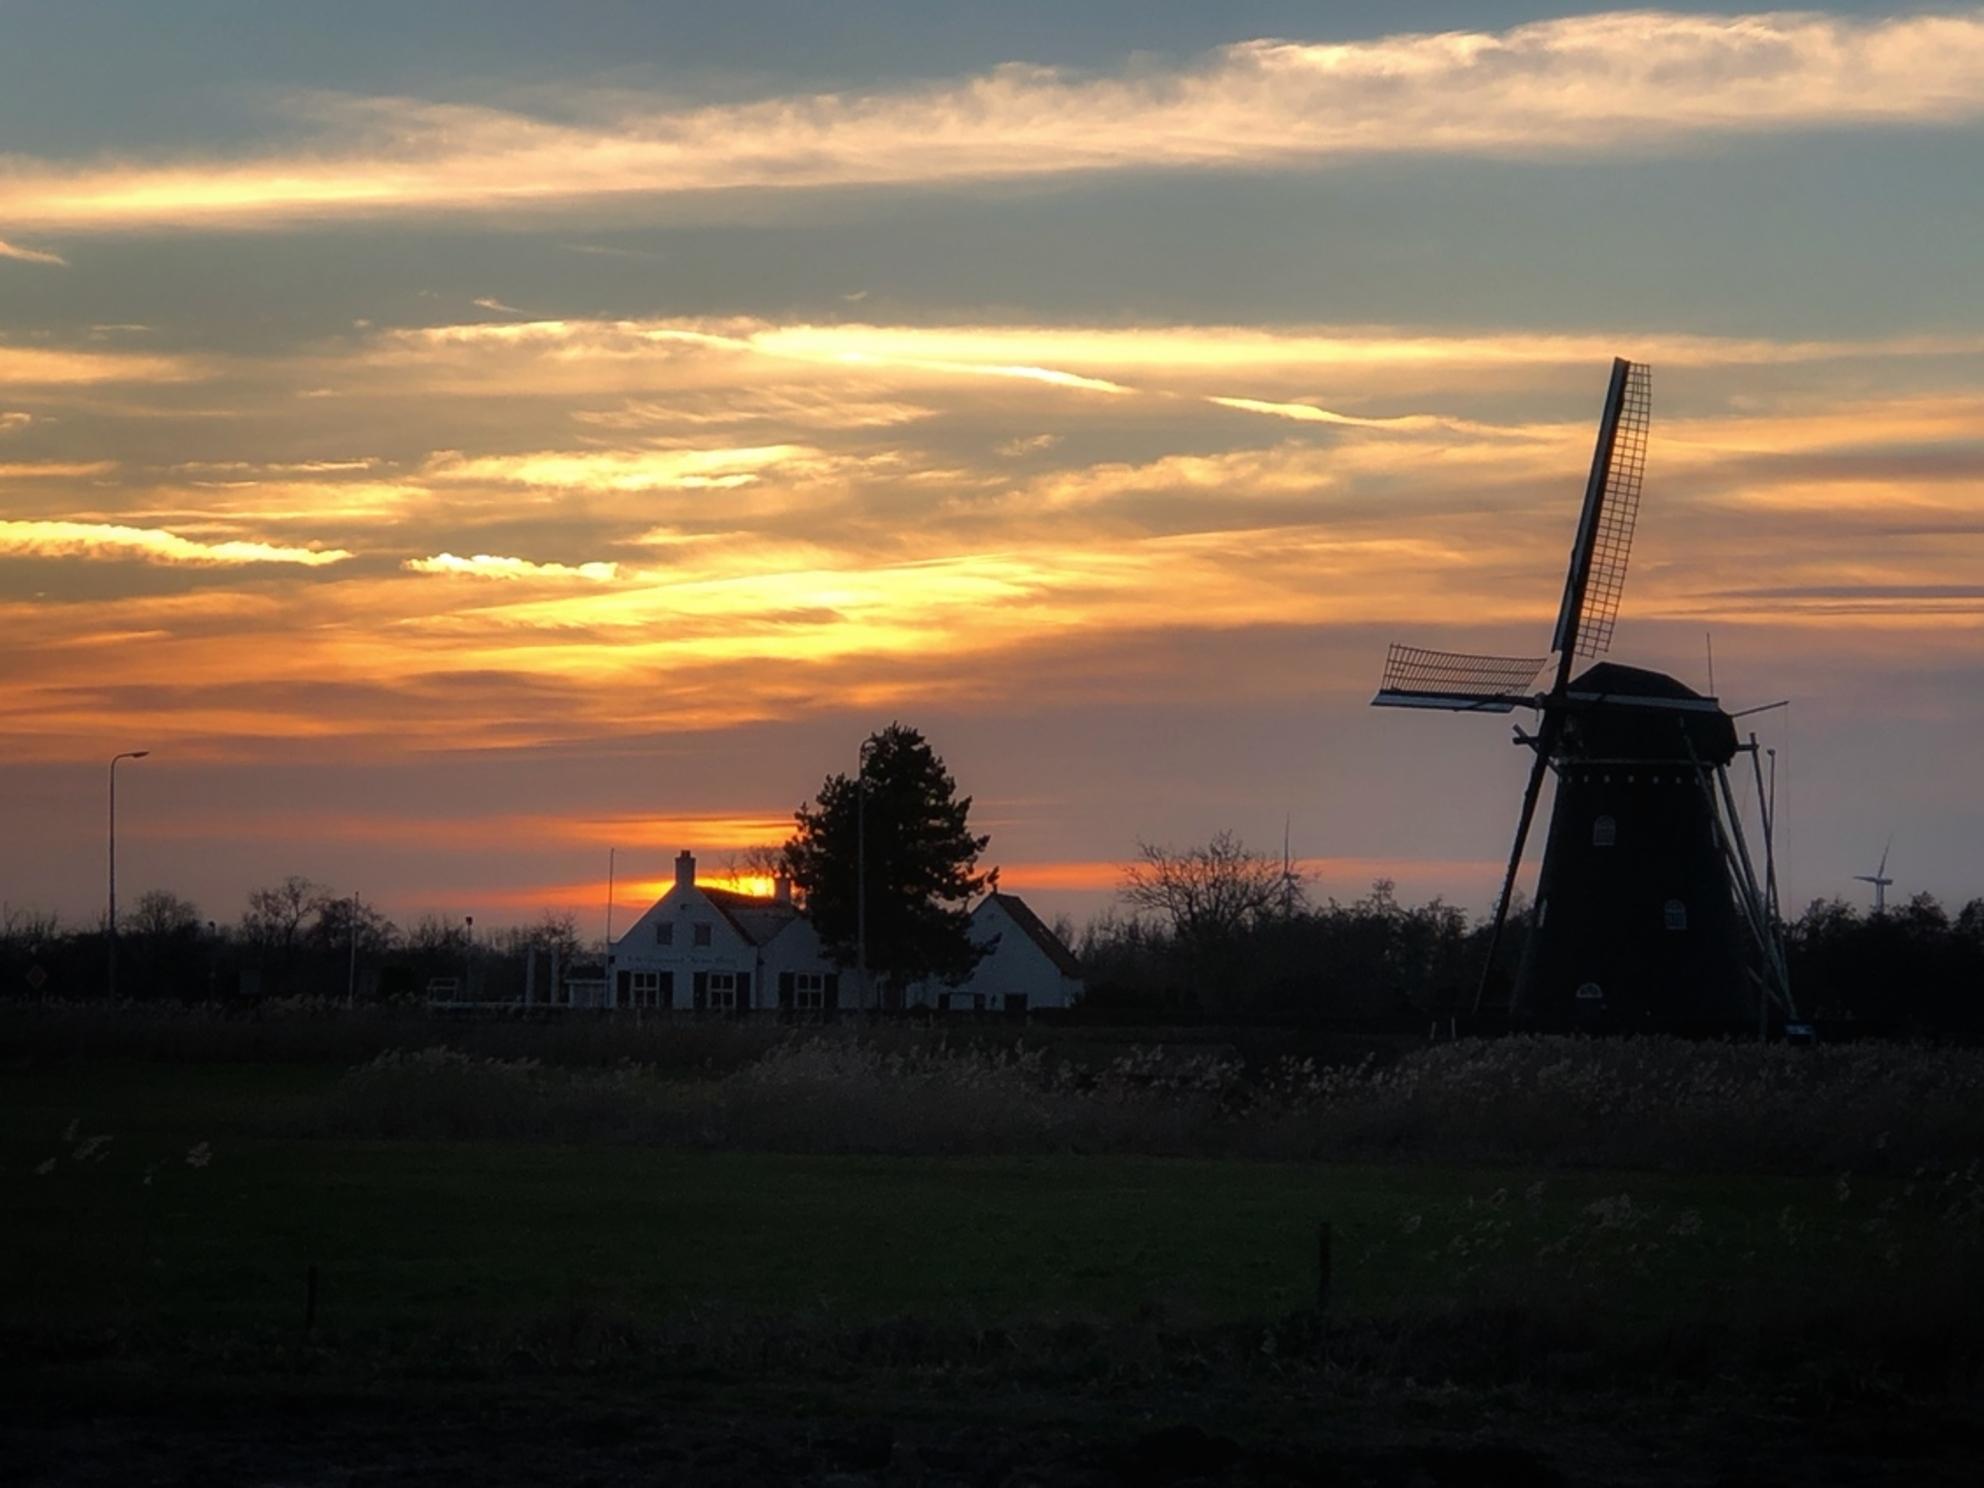 Zonsondergang costadelbeek - Zonsondergang costadelbeek - foto door DannyWilhelm op 24-02-2021 - Deze foto mag gebruikt worden in een Zoom.nl publicatie